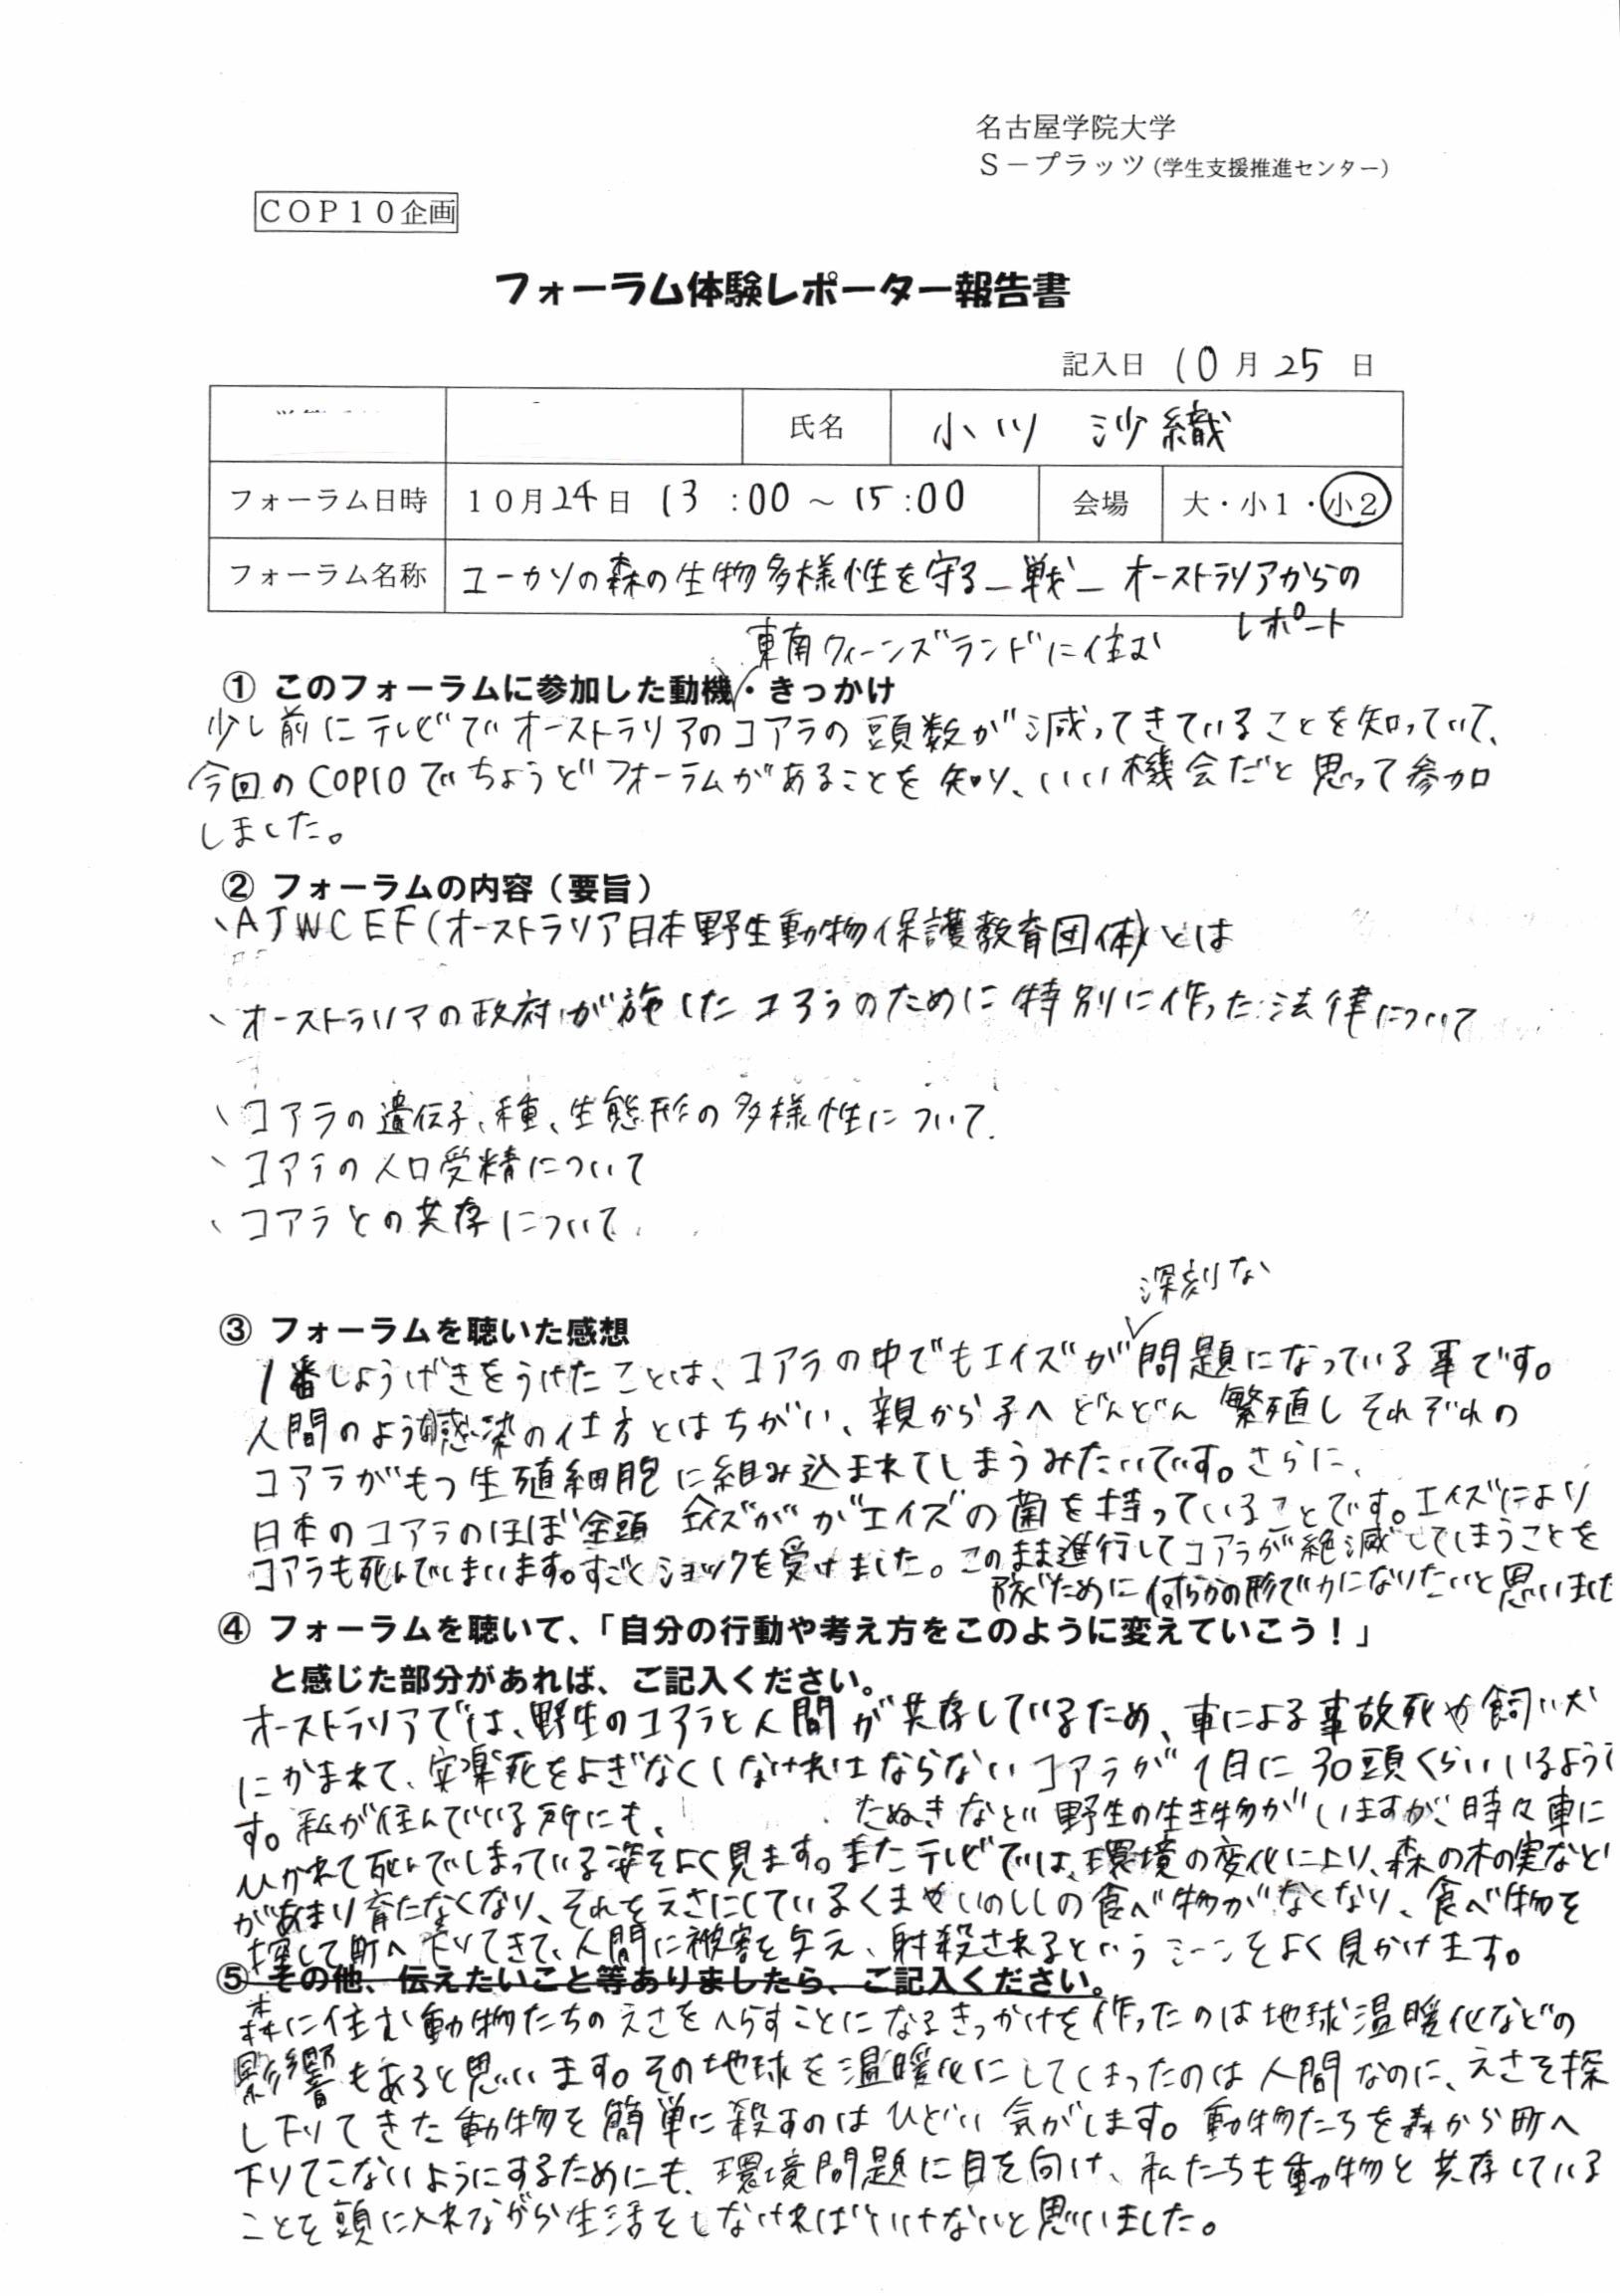 フォーラム体験レポーター報告小川